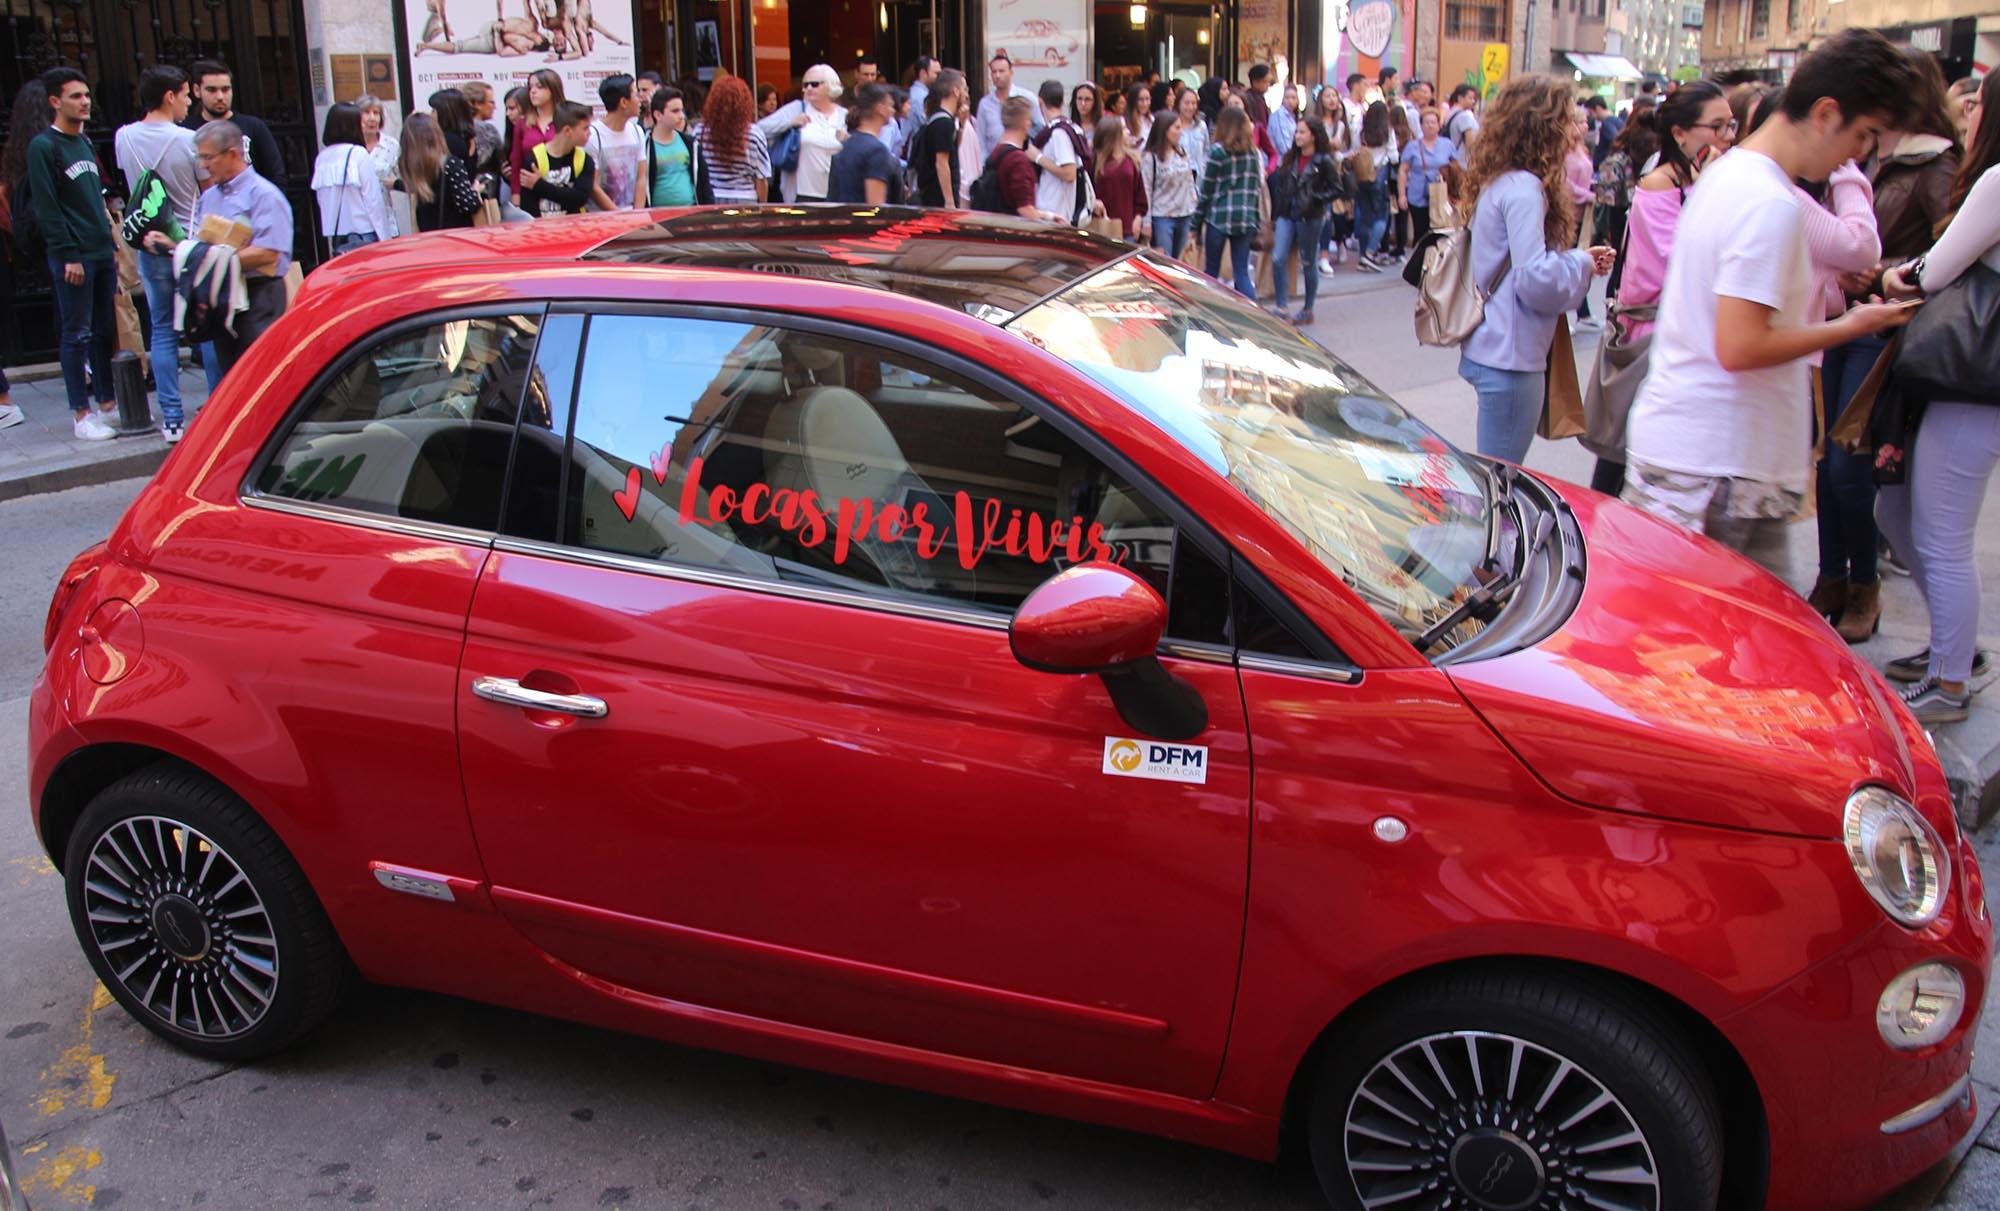 Desde DFM Rent a Car colaboramos con nuestro Fiat 500 rojo con el congreso Locas por Vivir de Murcia